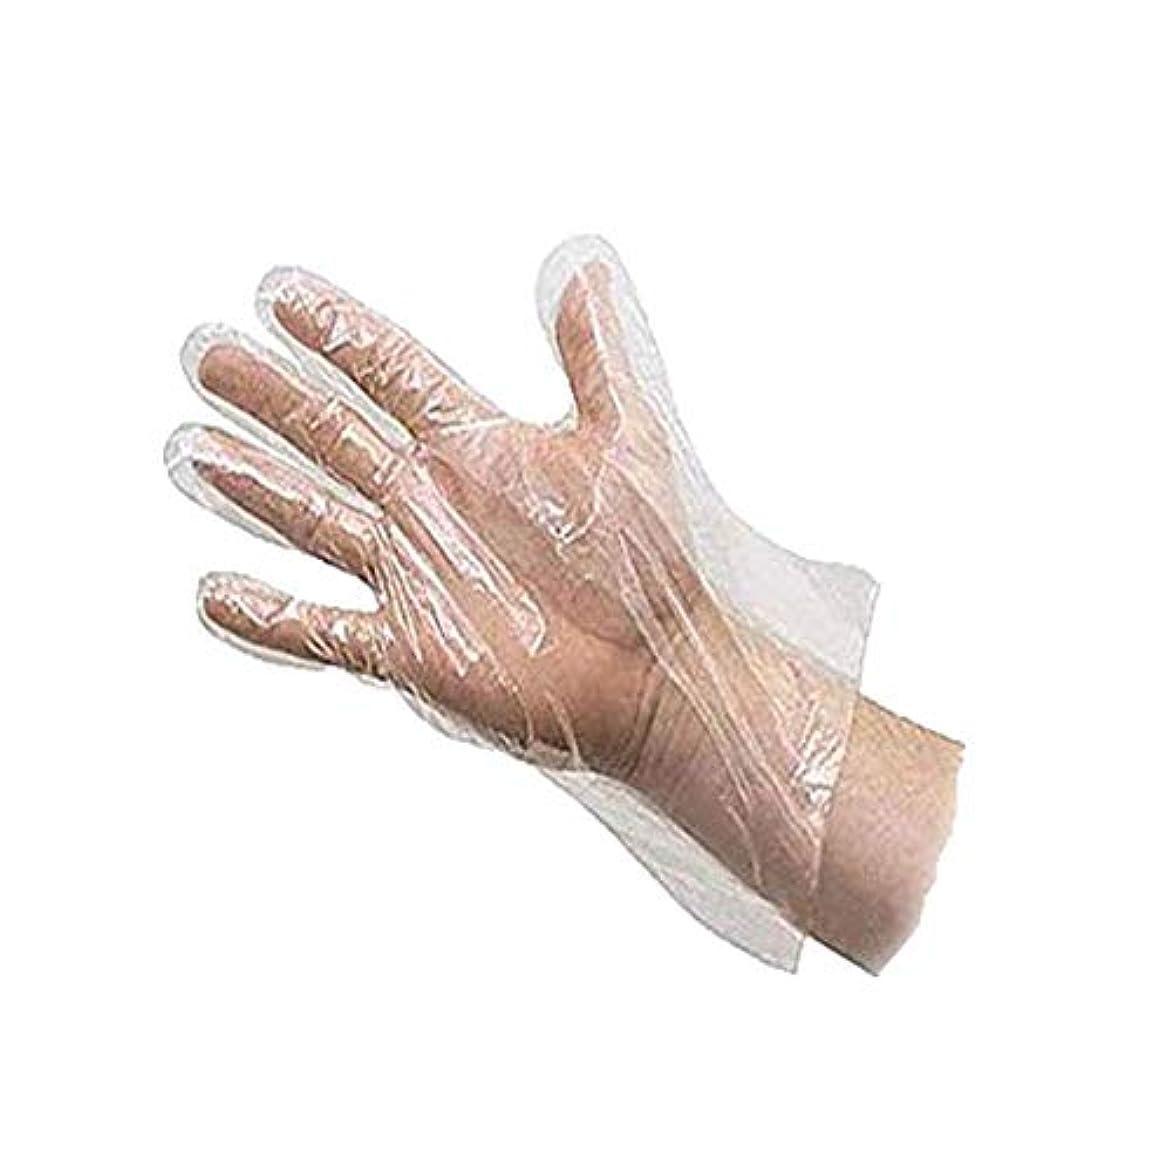 証言するこれら貼り直すUCCU プレミアム 使い捨て手袋 調理用 食品 プラスチック ホワイト 粉なし 食品衛生 透明 左右兼用 薄型 ビニール極薄手袋 100枚入り 便利